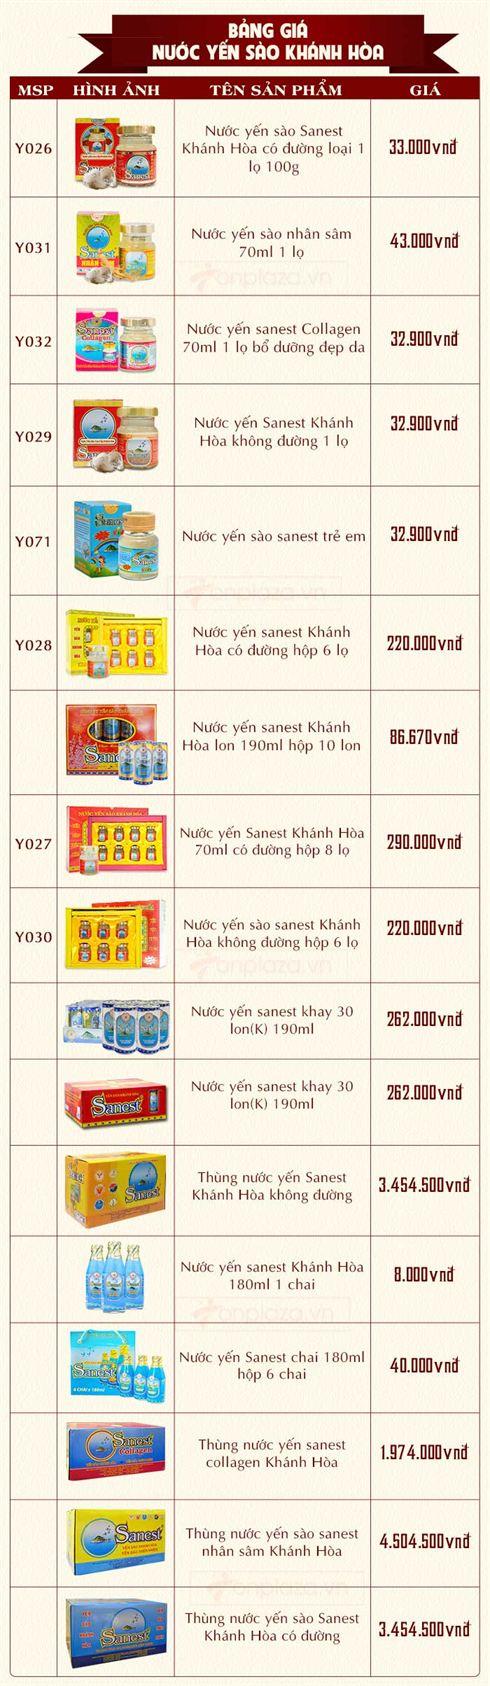 Bảng giá nước yến sào Sanest Khánh Hòa cập nhật 2017